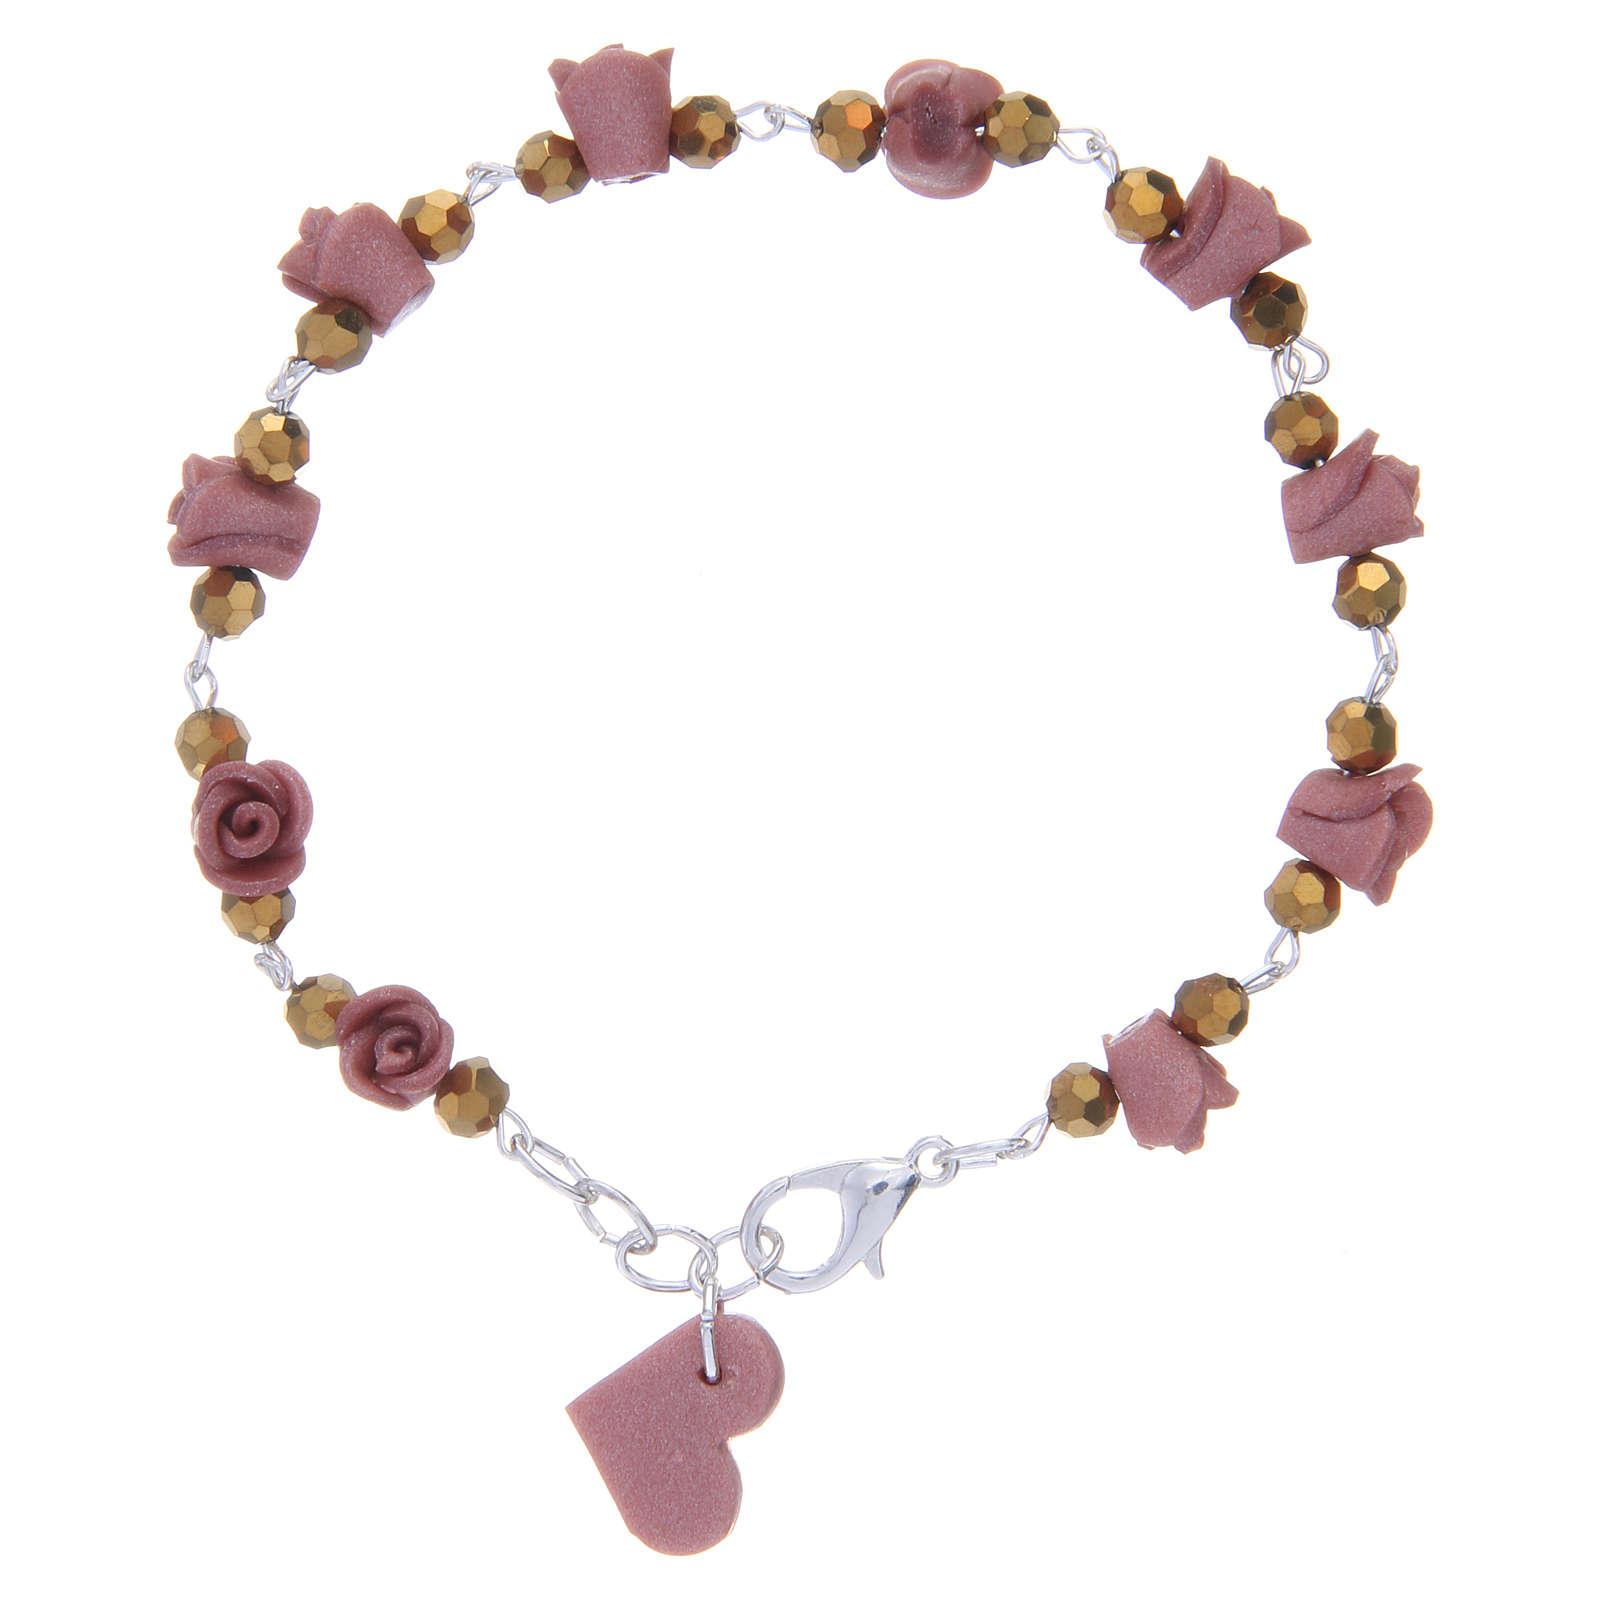 Bracciale Medjugorje rose in ceramica grano in cristallo 4